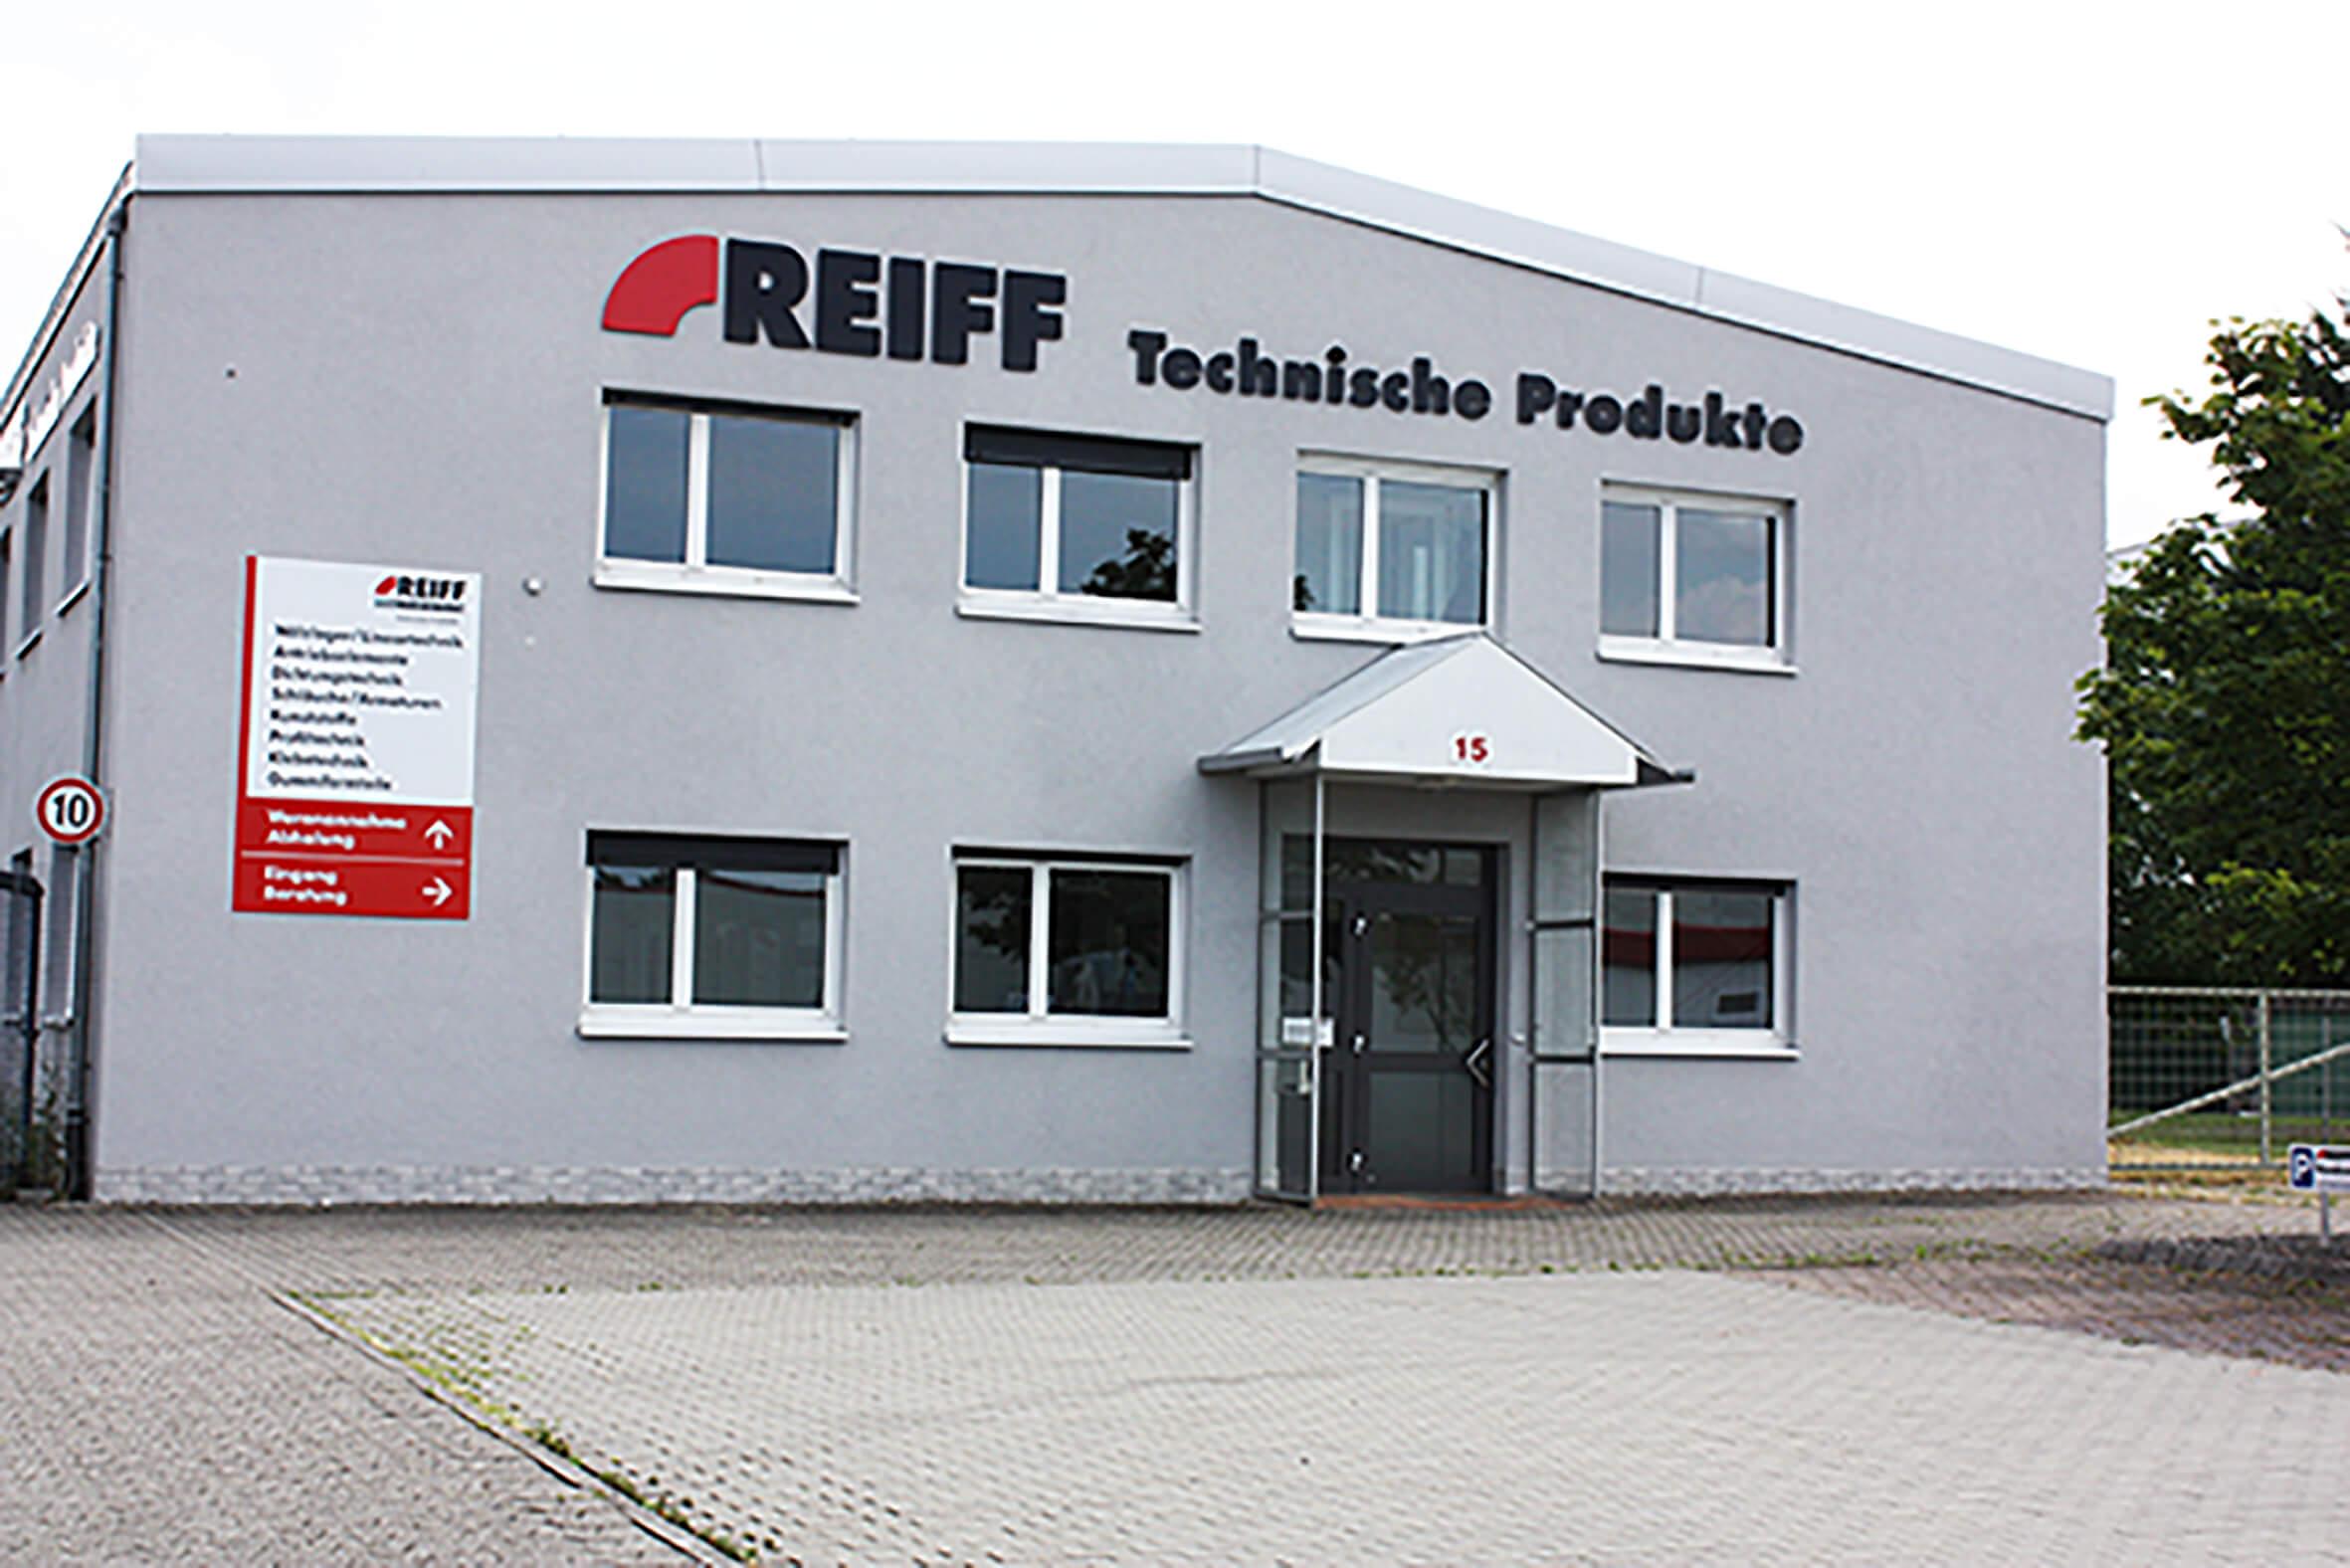 REIFF Technische Produkte Niederlassung in Offenburg